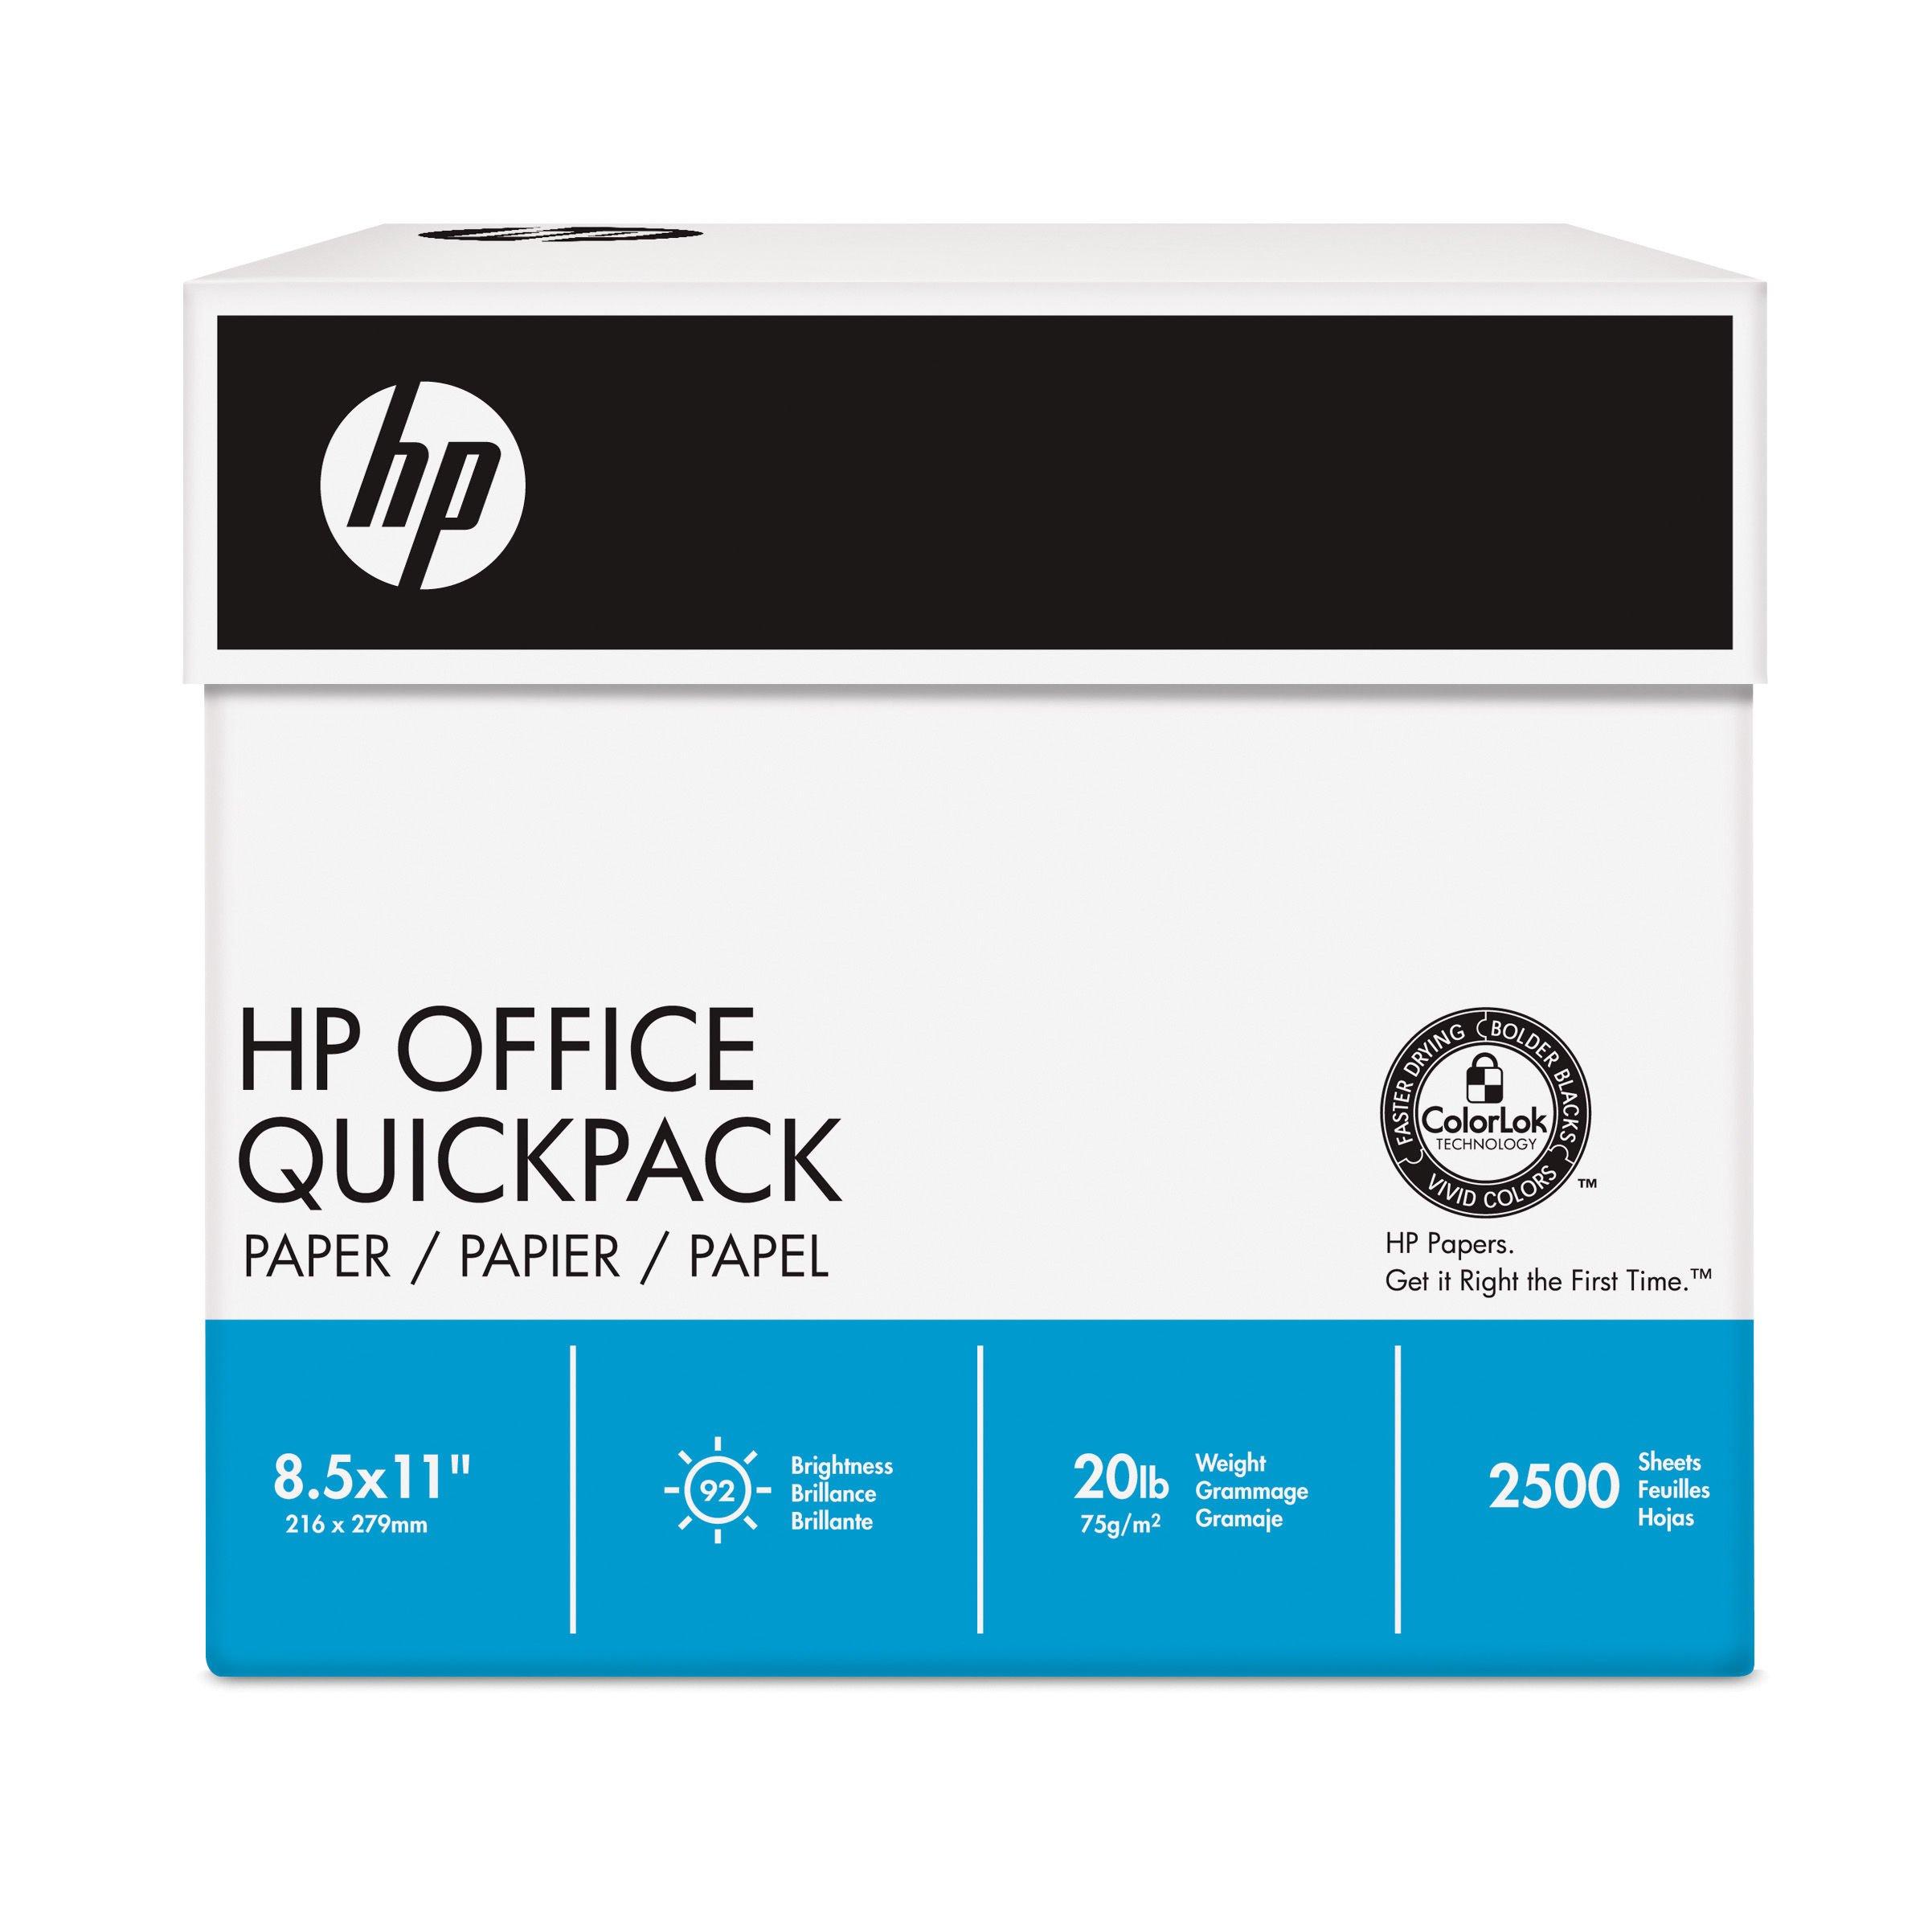 HP CHP113 - Caja con 2500 folios (A4, 80 g/m²), color blanco: Amazon.es: Oficina y papelería